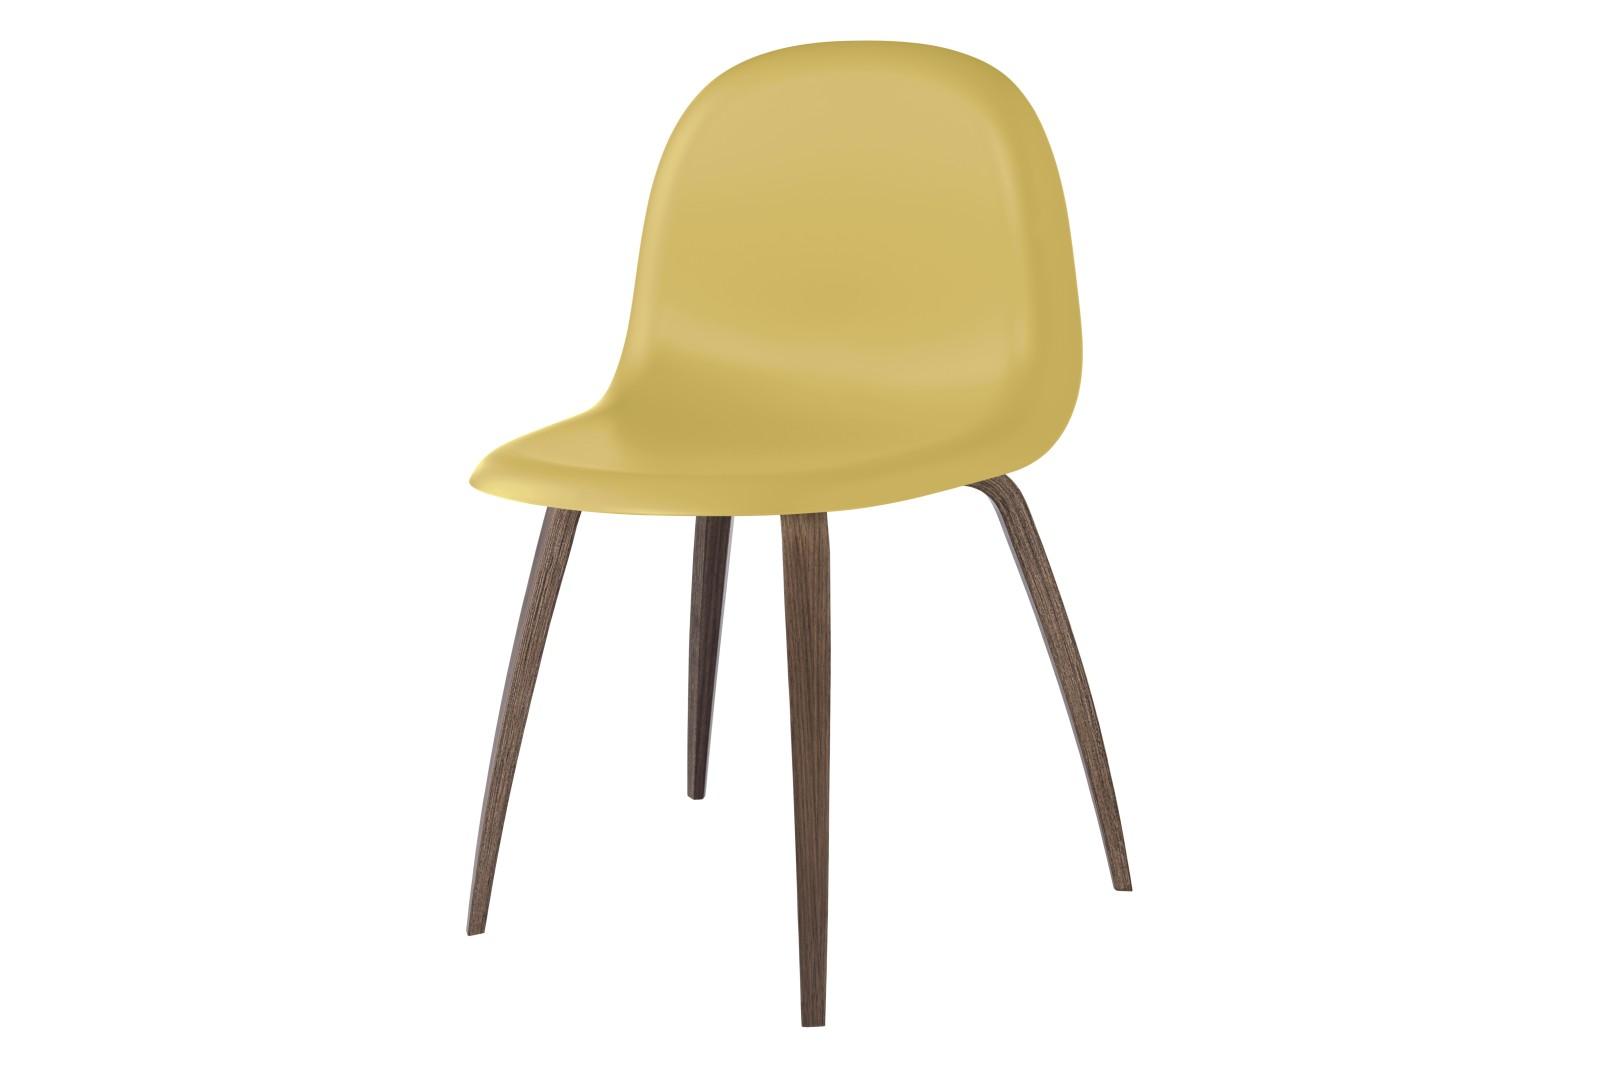 3D Dining Chair - Un-Upholstered, Wood Base Gubi HiRek Venetian Gold, Gubi Wood American Walnut, Fel